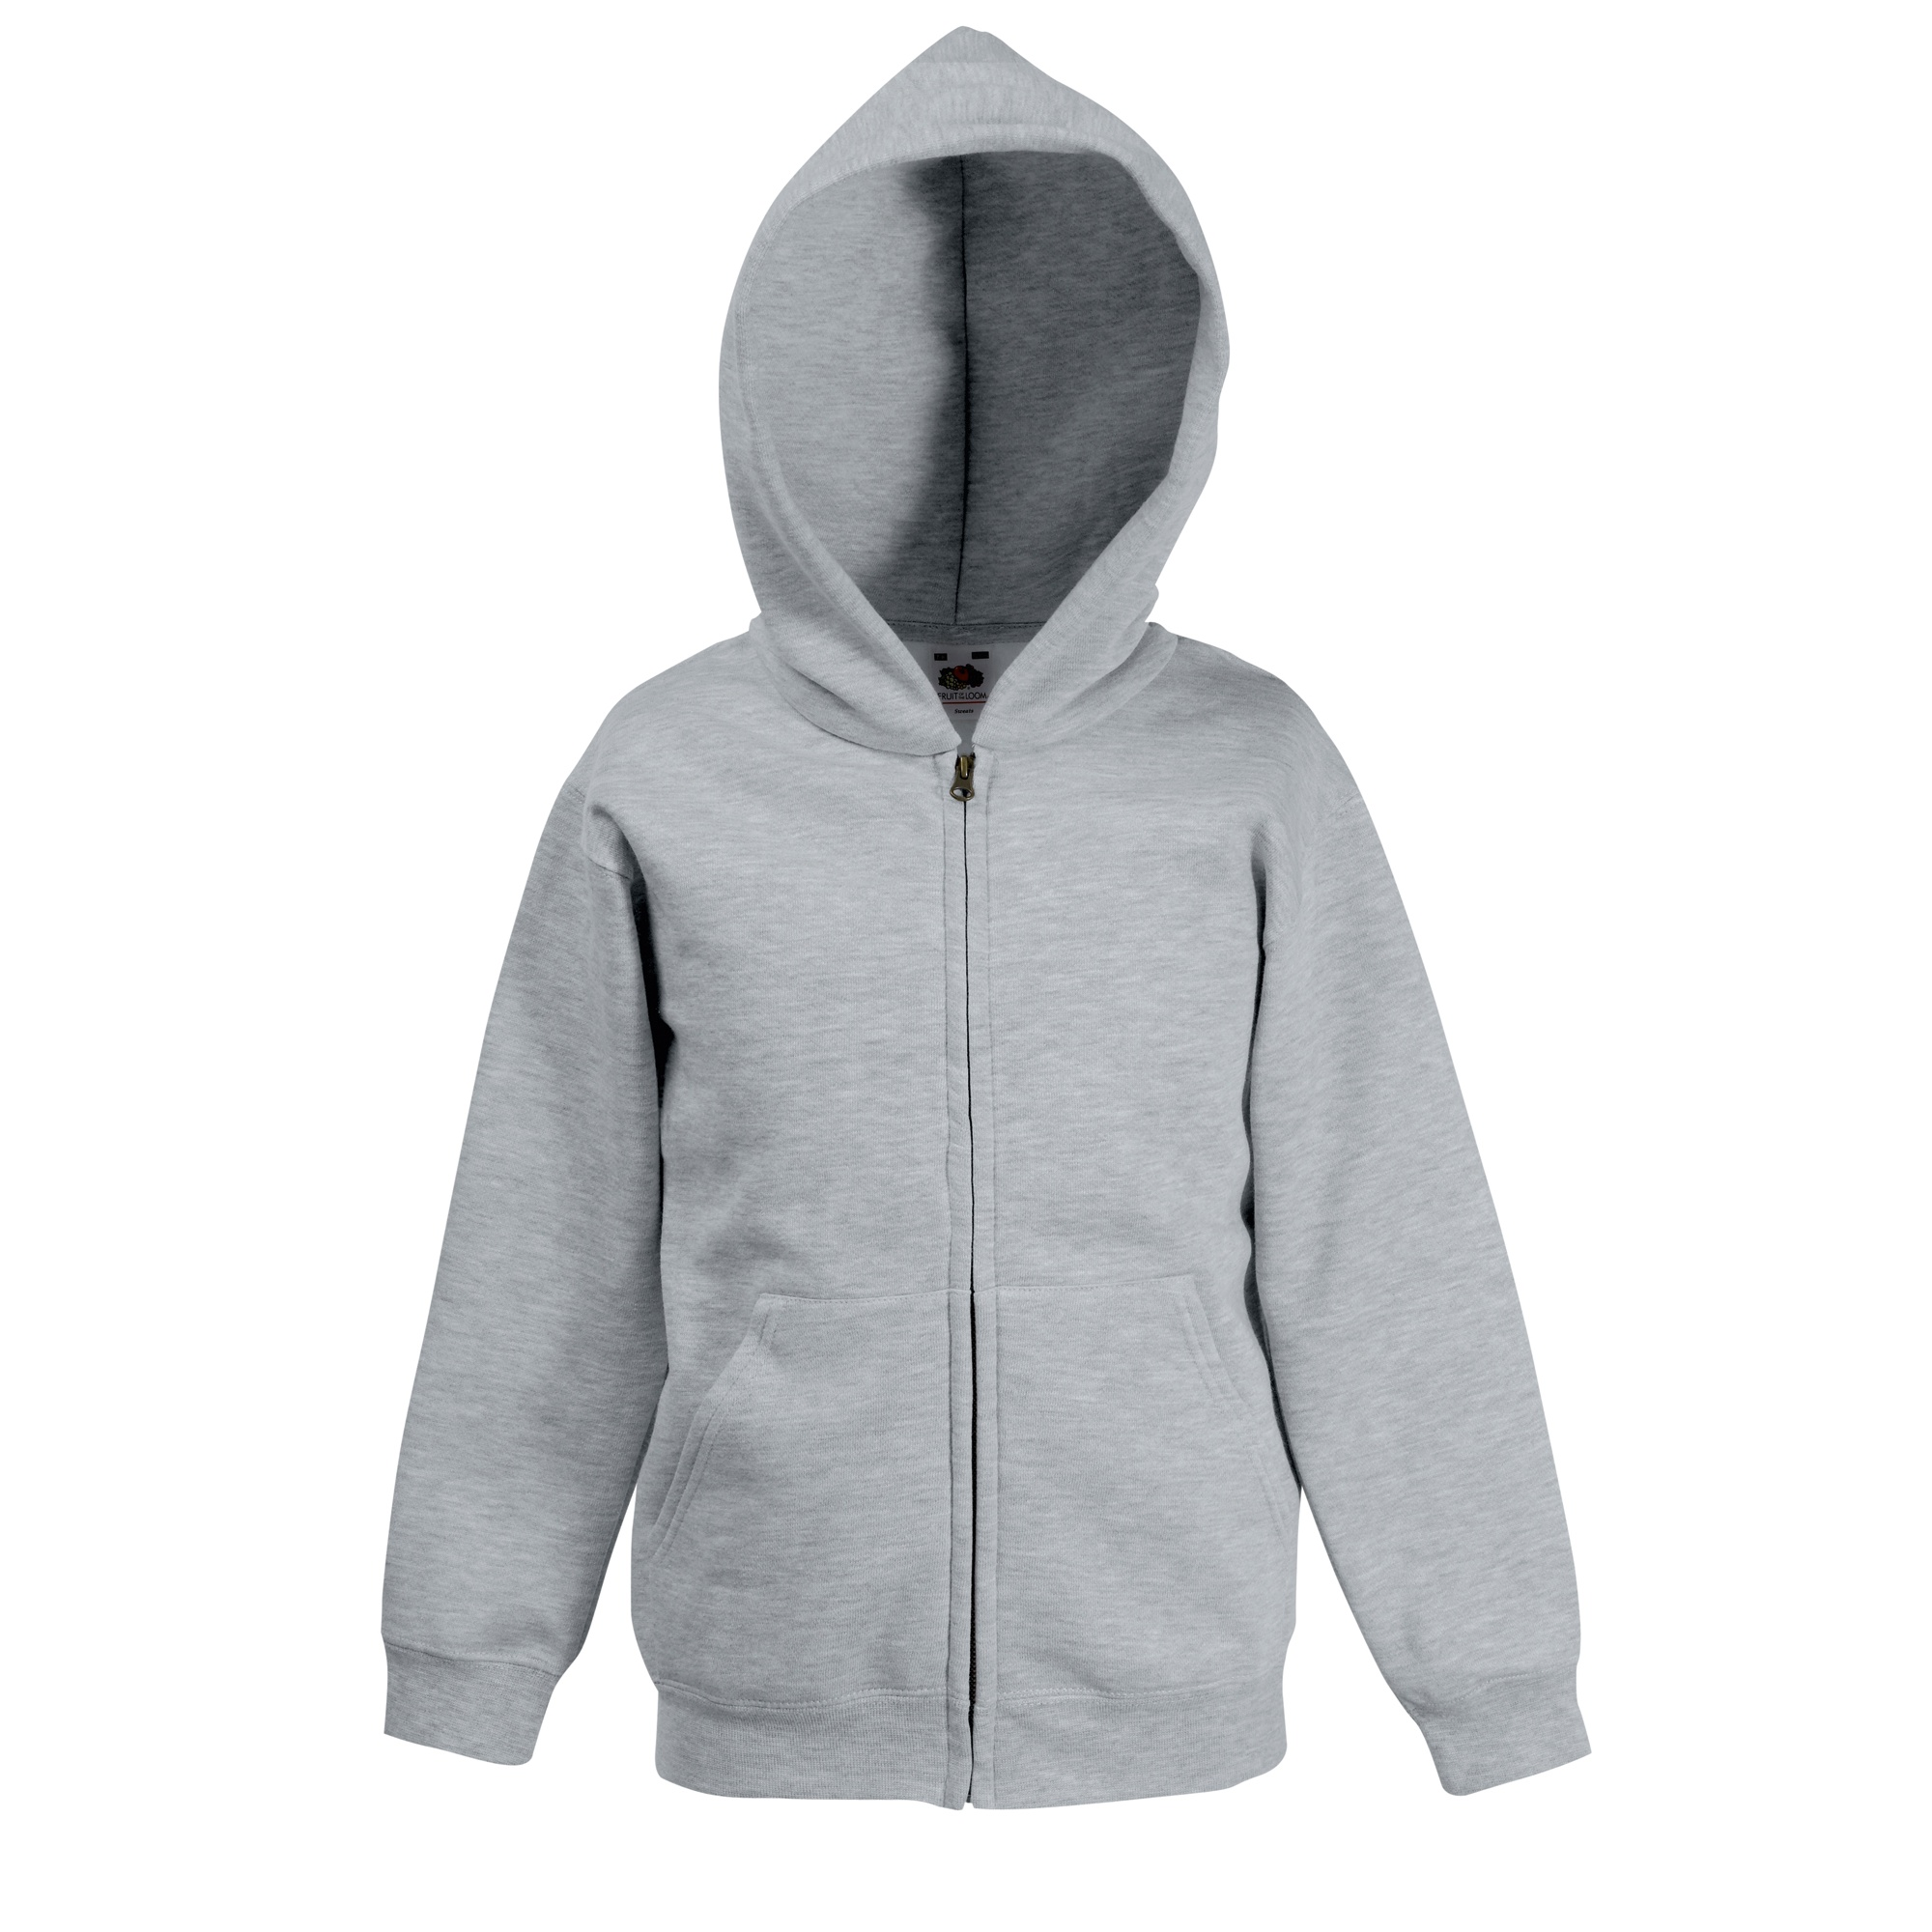 Fruit-Of-The-Loom-Kids-Unisex-Premium-70-30-Hooded-Sweatshirt-Hoodie-RW3164